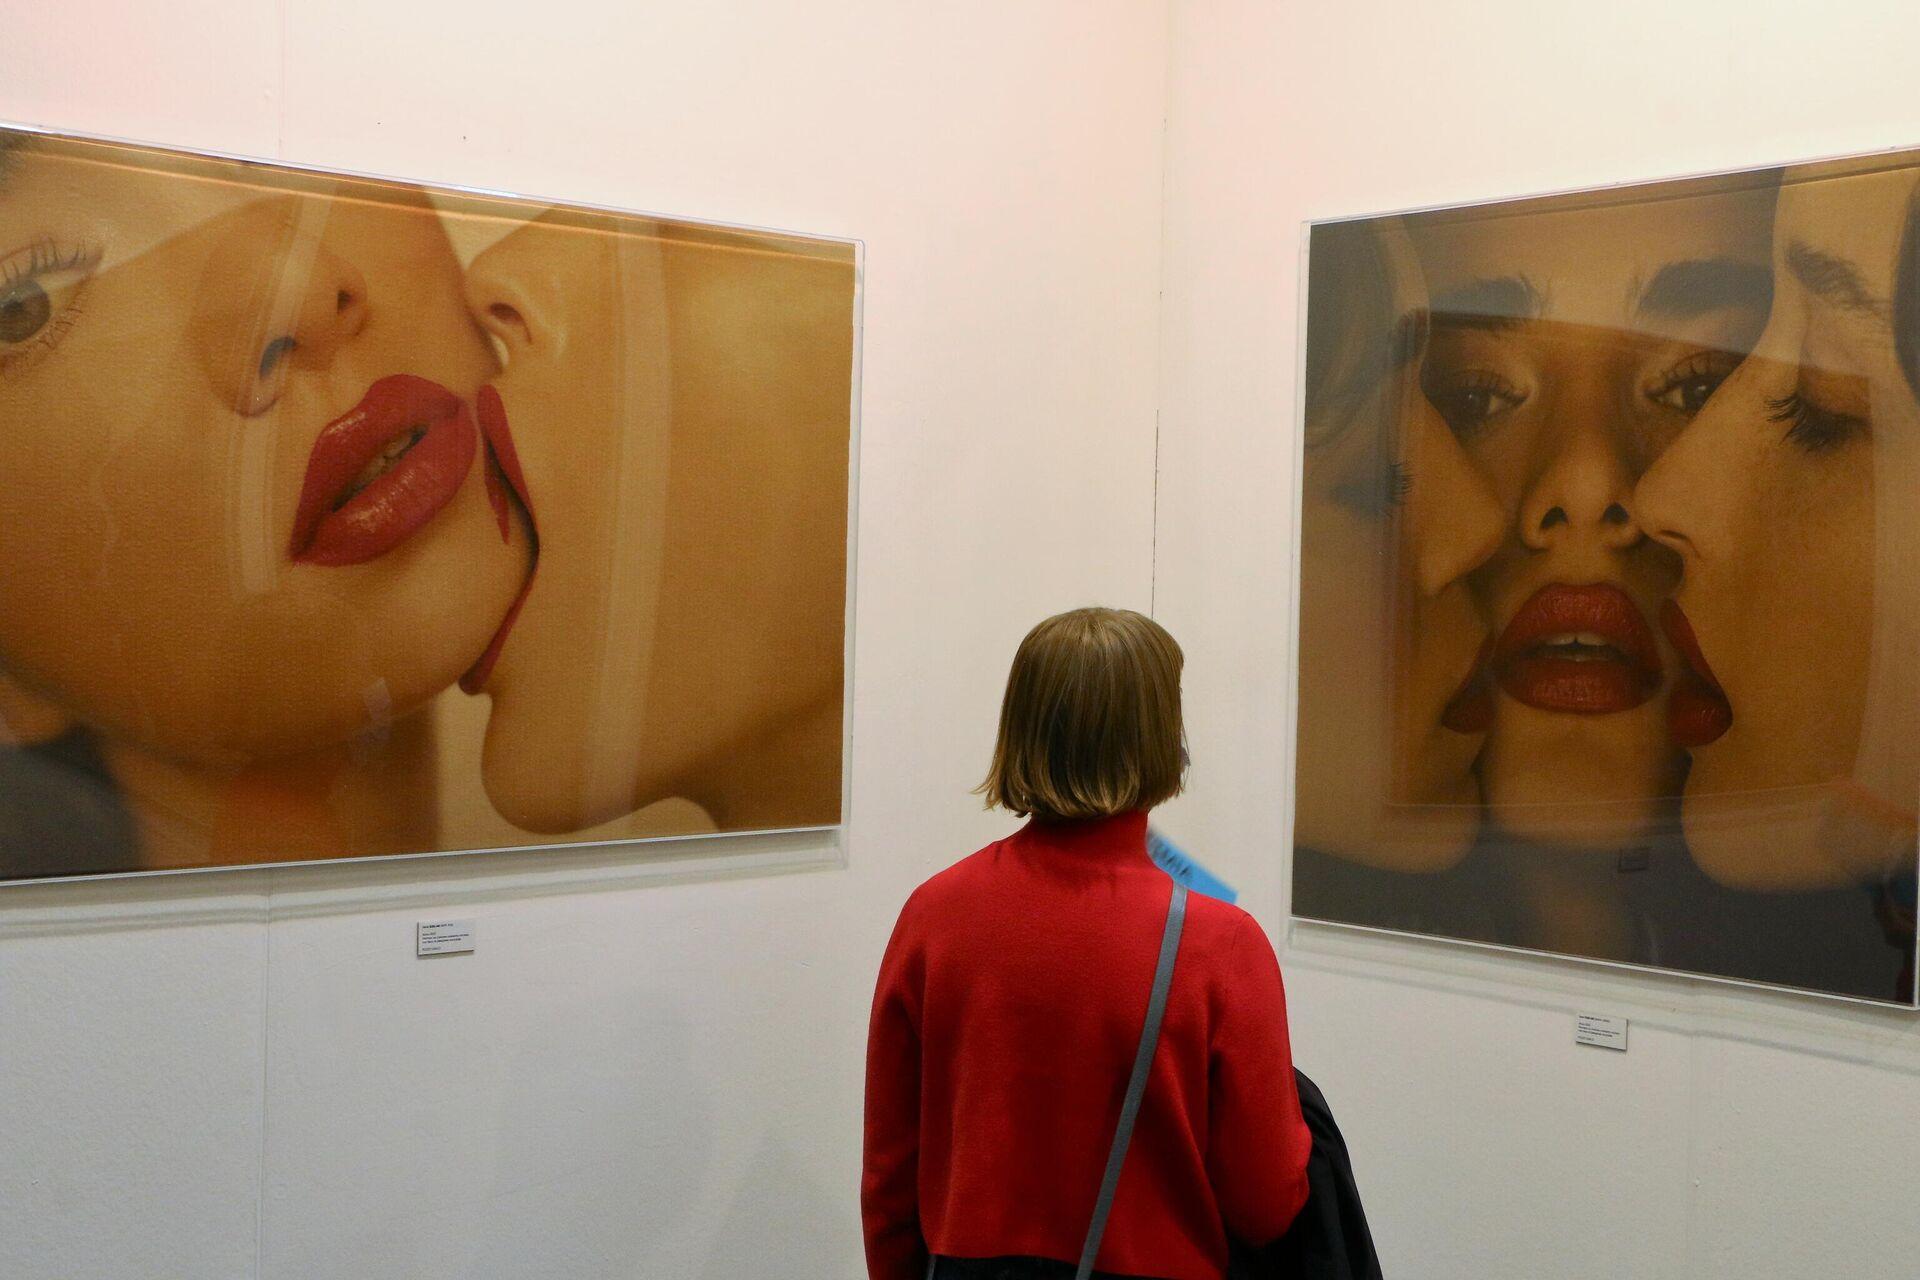 Opera Kiss me, presentata alla MIA Fair 2021,  fiera milanese dedicata alla fotografia - Sputnik Italia, 1920, 09.10.2021